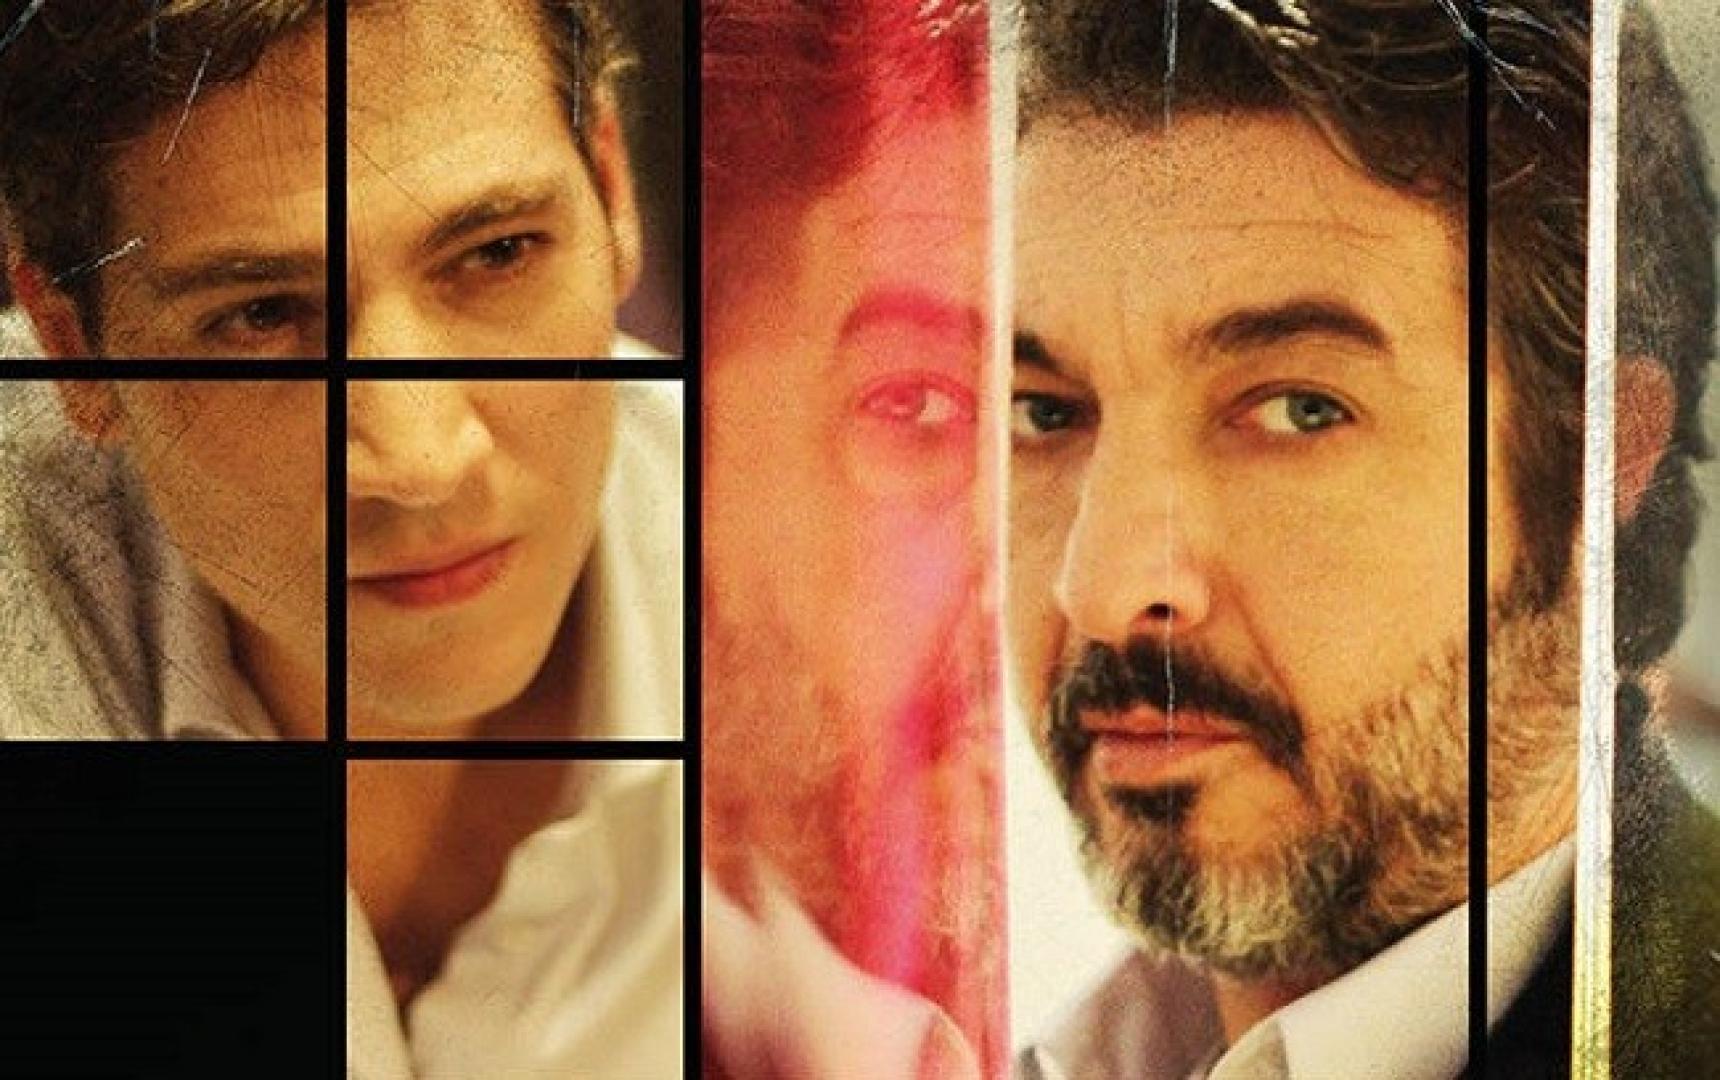 Spanyol extrém XXVII. - Vizsga gyilkosságból (2013)